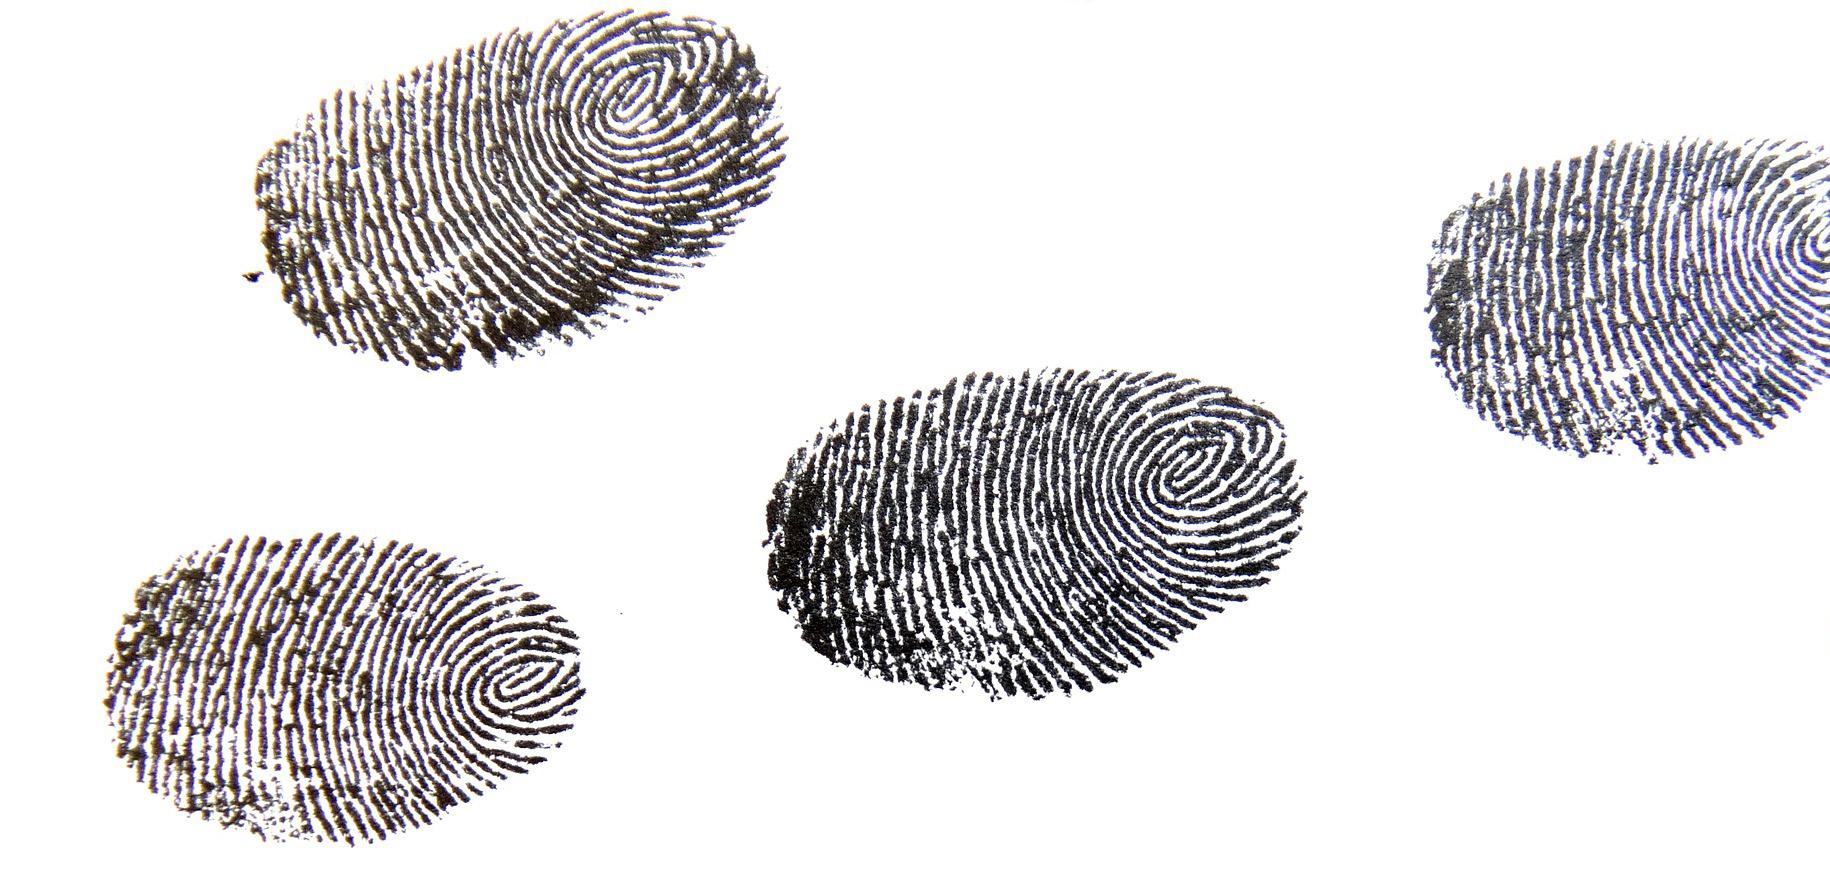 Inštitút NIST zverejnil biometrické záznamy, chce pomôcť vylepšiť identifikačné systémy